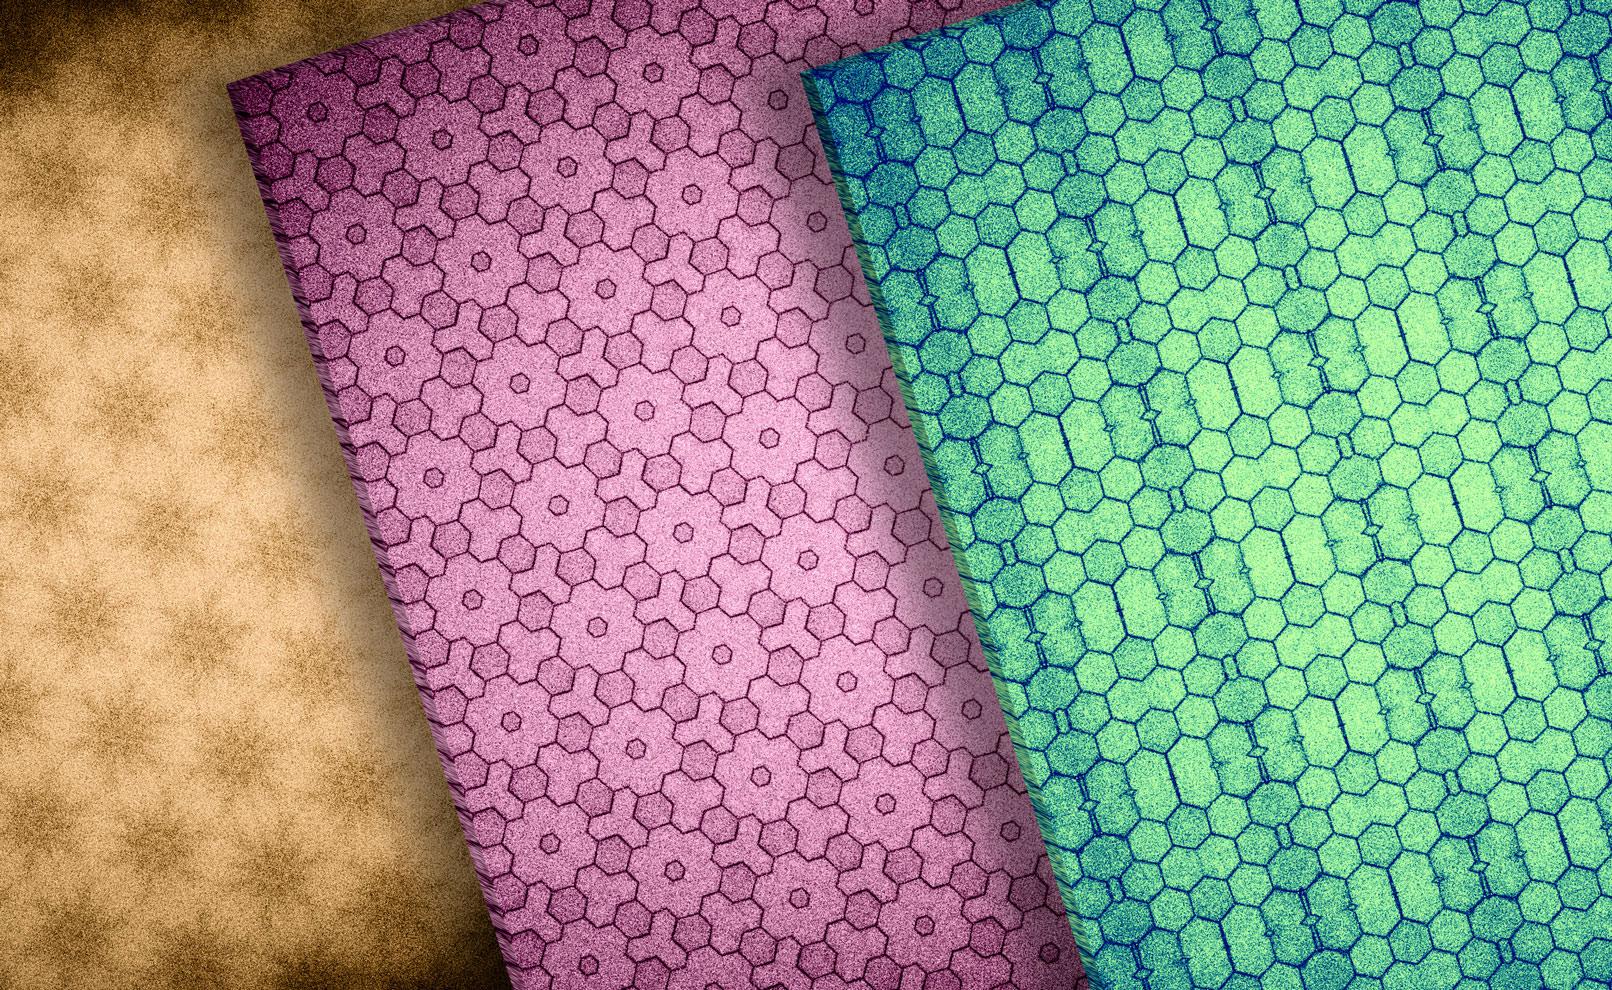 Hochaufgelöste Texturen: Pastell-Lightbeams und -Muster